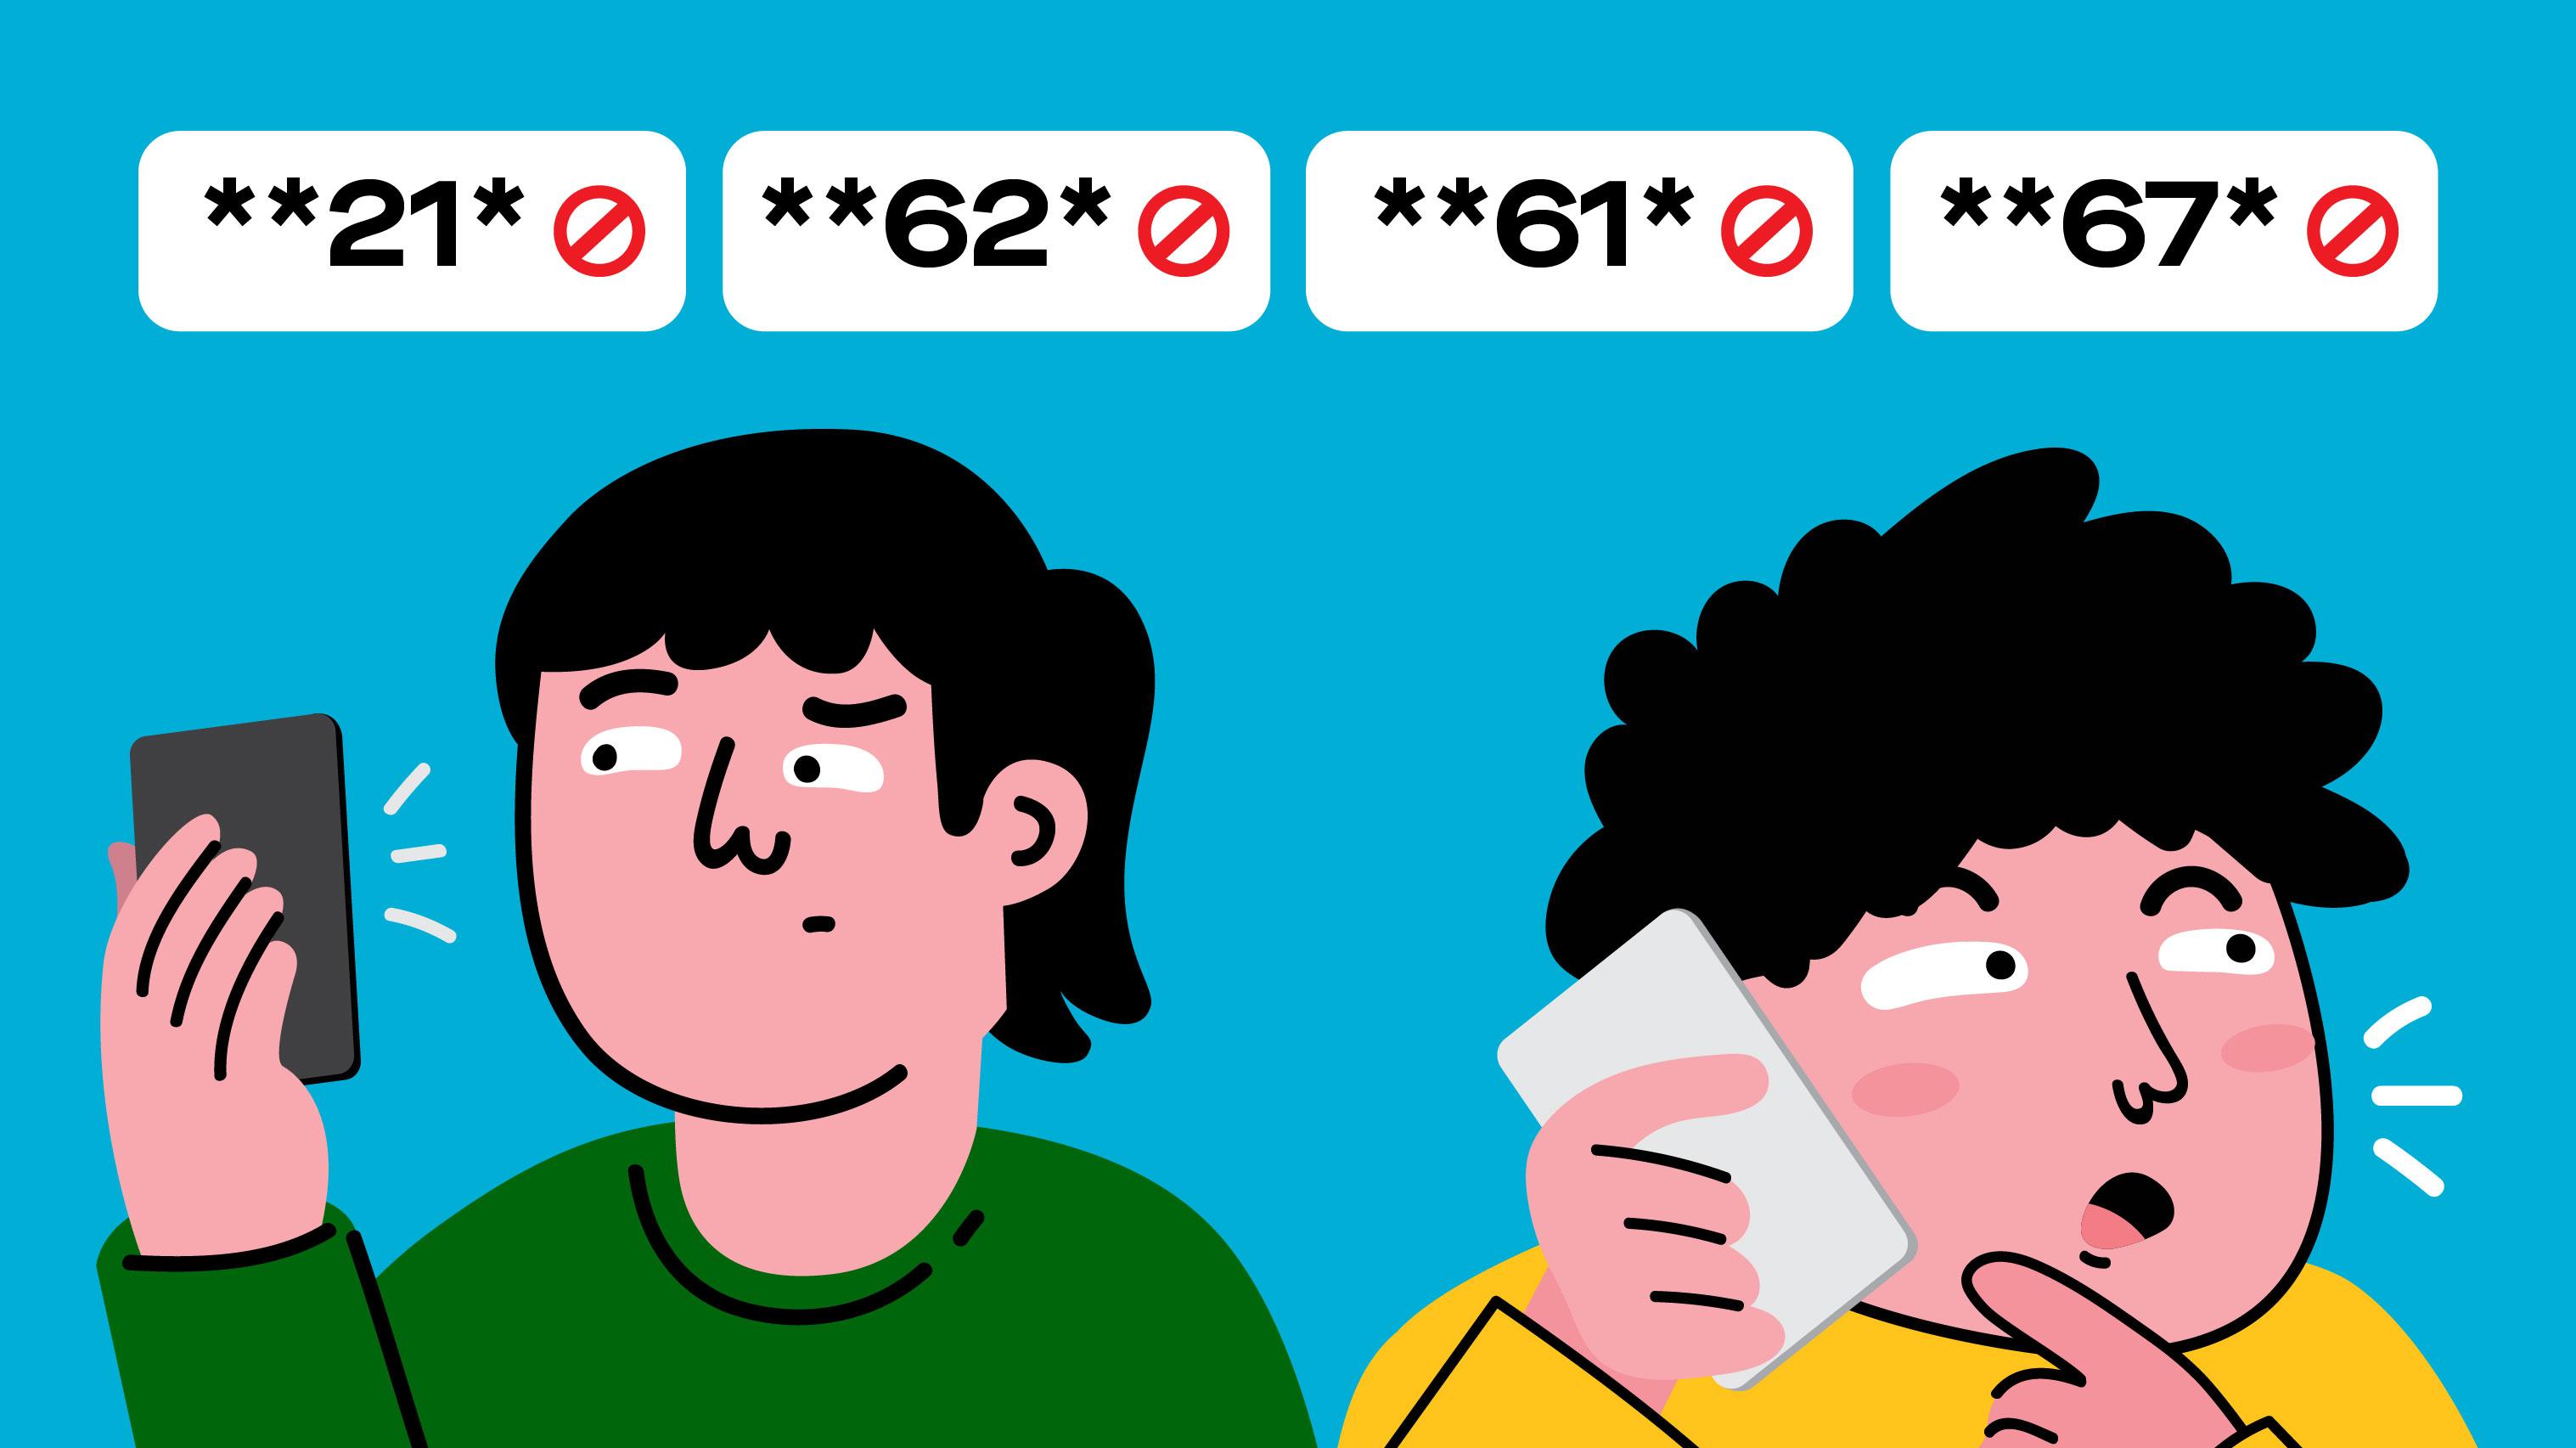 Waspada Penipuan Yang Mengatasnamakan Gojek Gojek